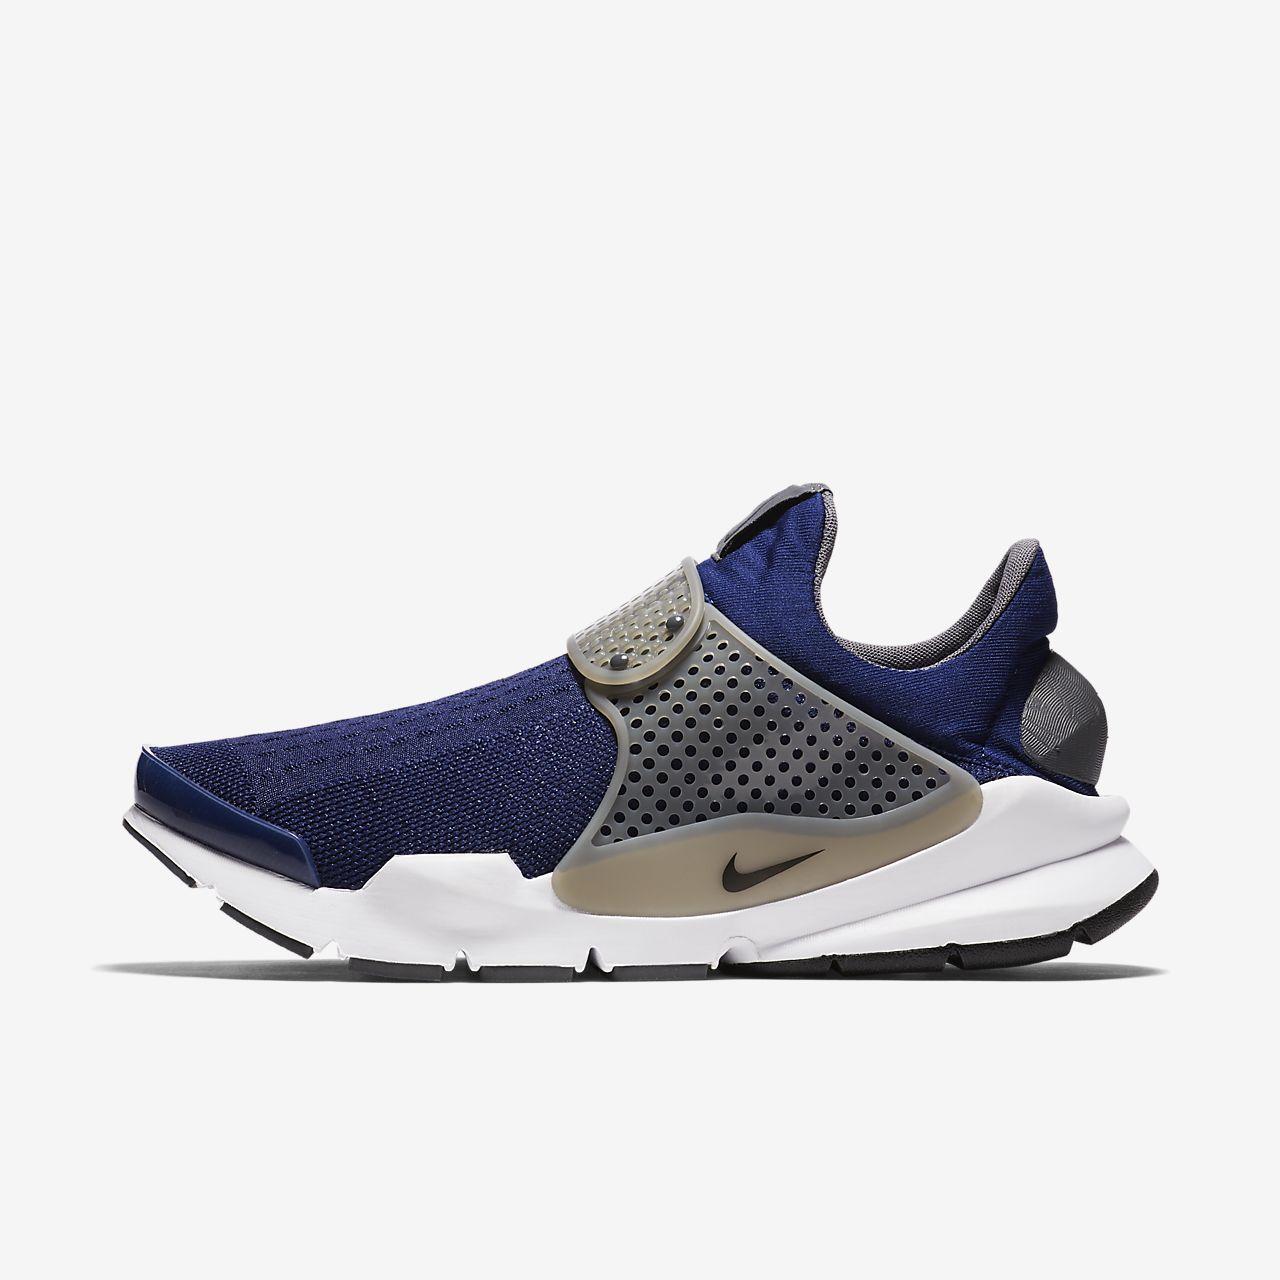 ... Nike Sock Dart Unisex schoen